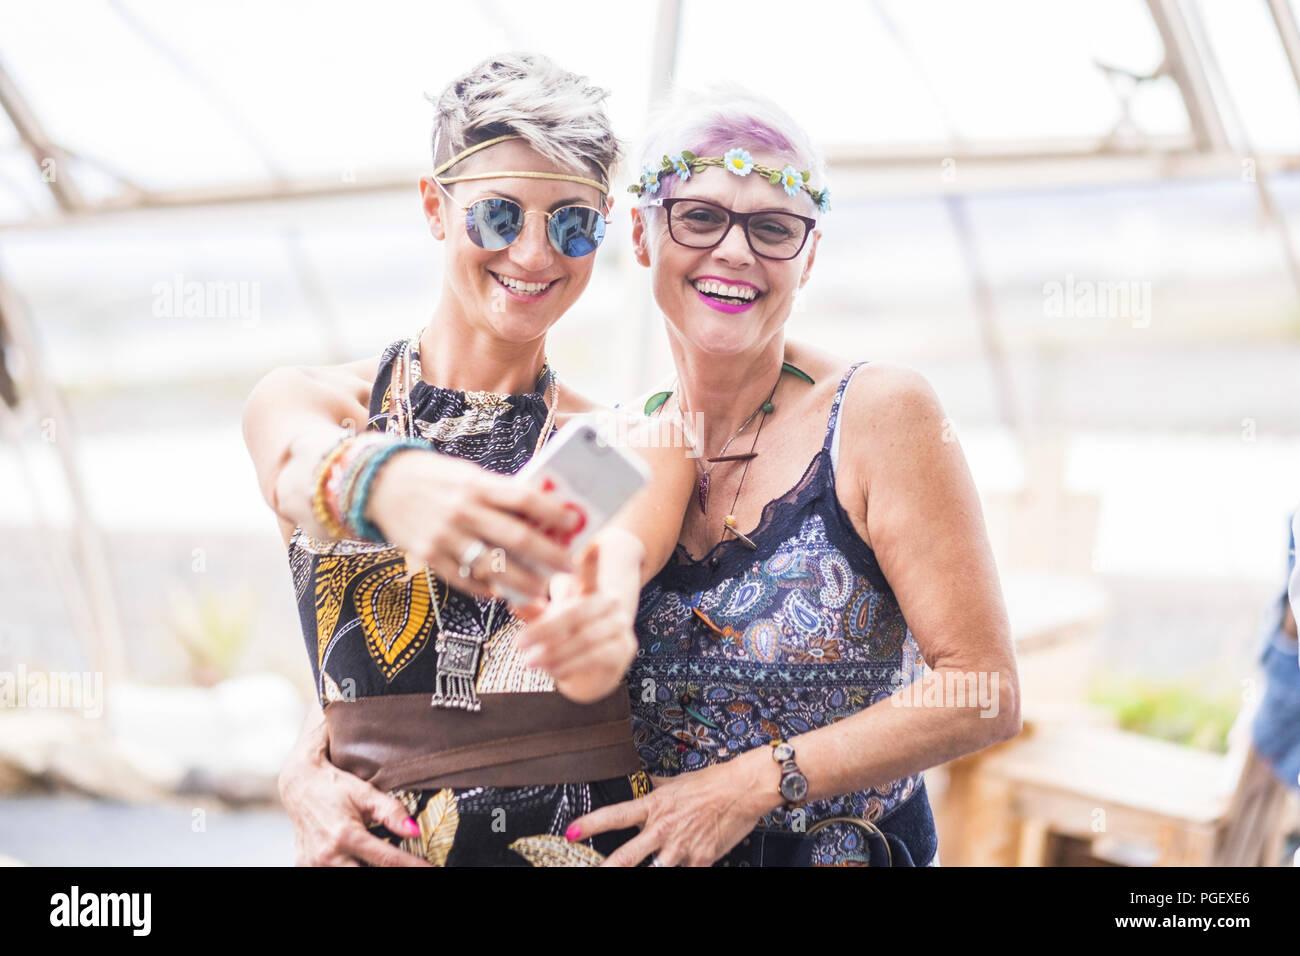 Couple hippie de blancs belle les femelles utilisent un téléphone intelligent. Différents âges attrayant nice les gens à rester ensemble en toute sécurité avec une assurance activité de loisirs avec fri Photo Stock